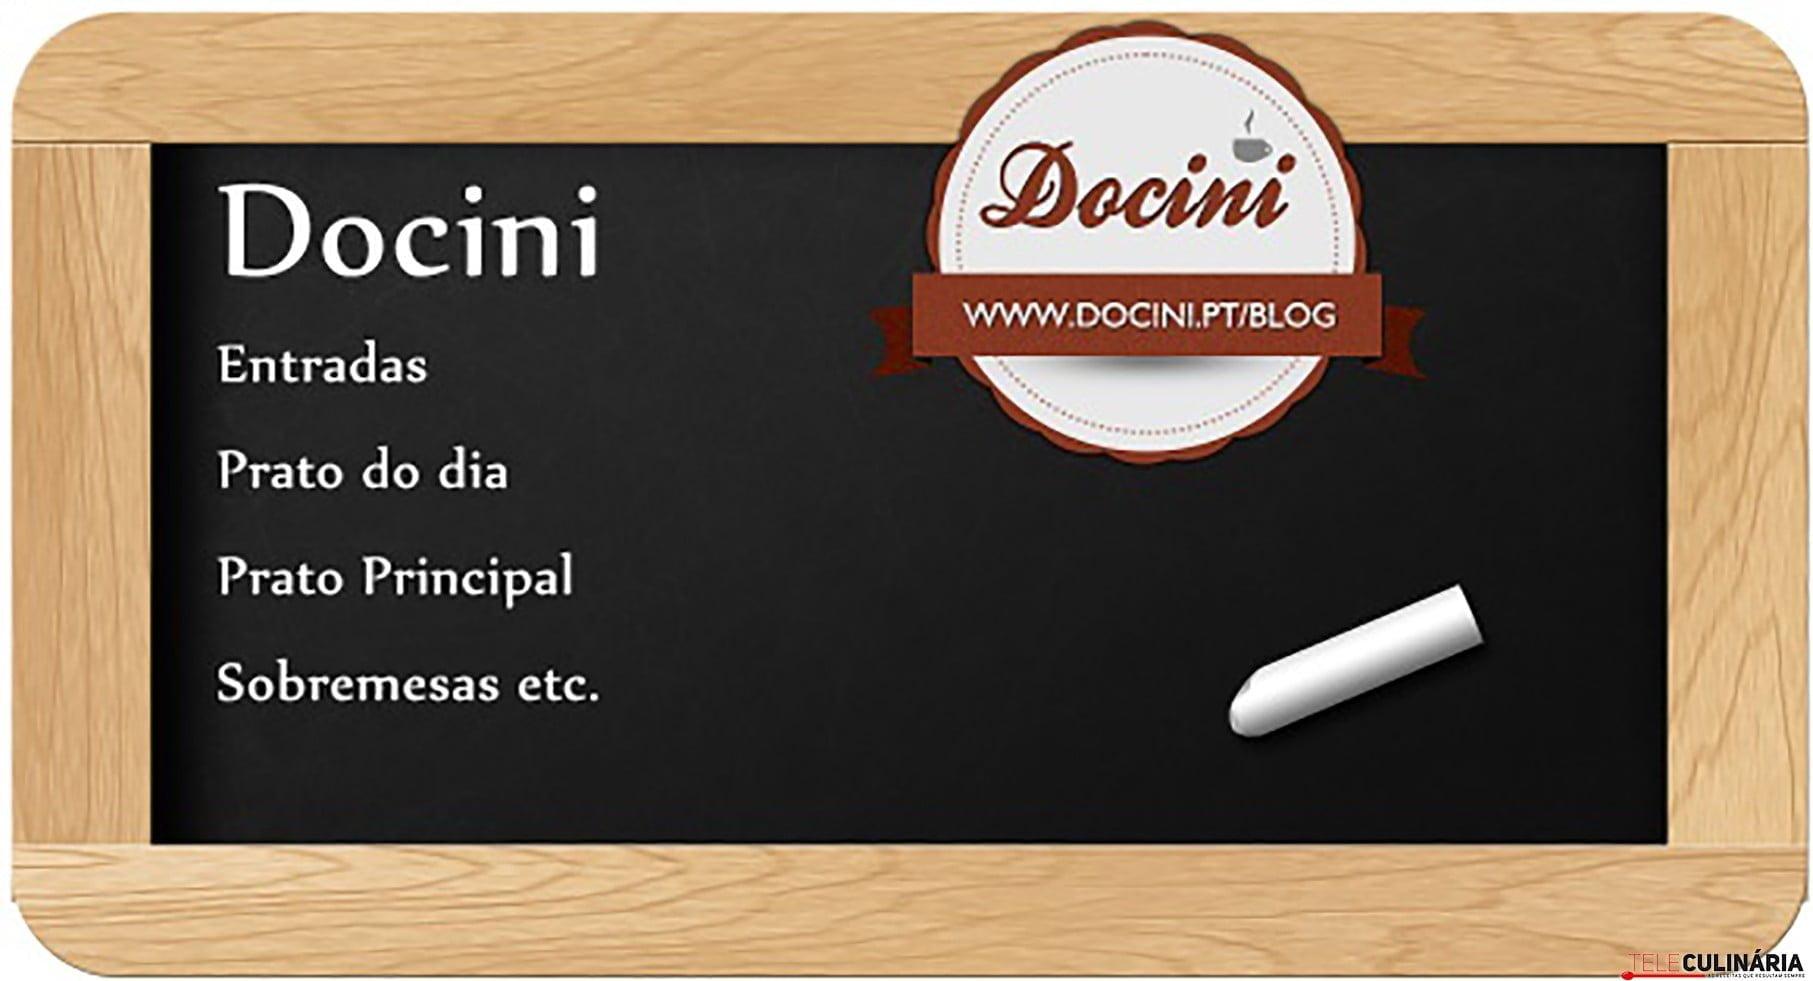 docini